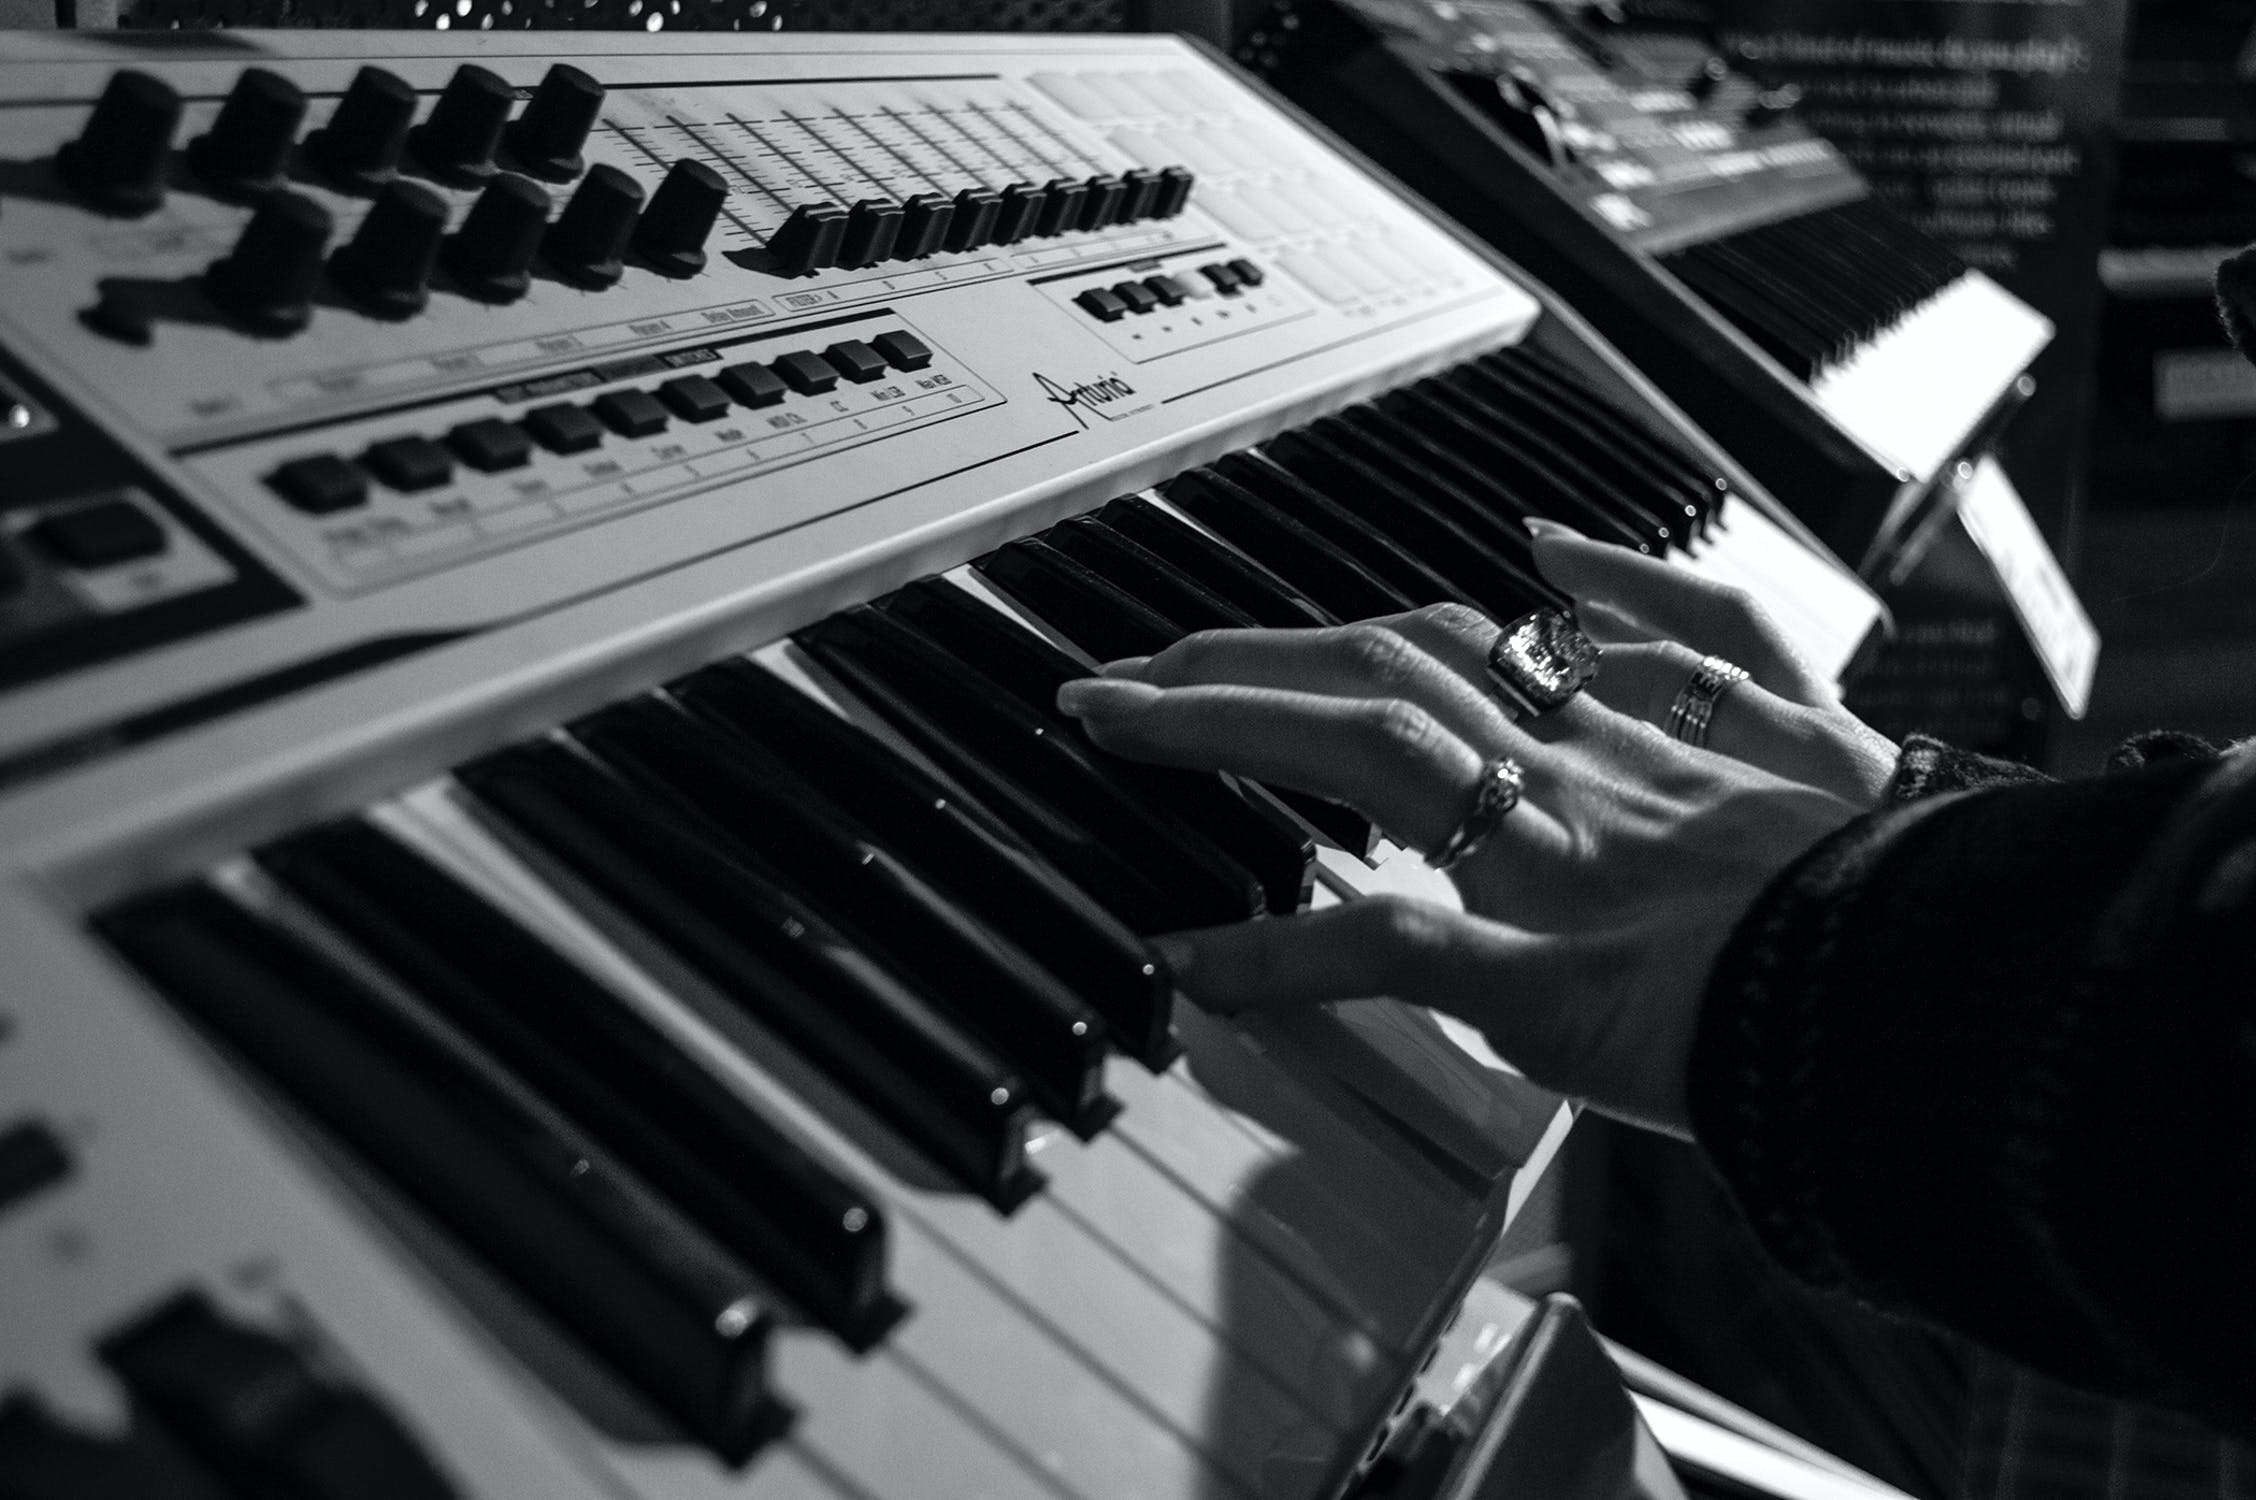 usikal-le-reseau-musikal-www.musikal.eu_ musikal - le réseau musikal - plateforme d'accompagnement du spectacle vivant par le numérique Musikal – le réseau Musikal – plateforme d'accompagnement du spectacle vivant par le numérique musikal le reseau musikal www